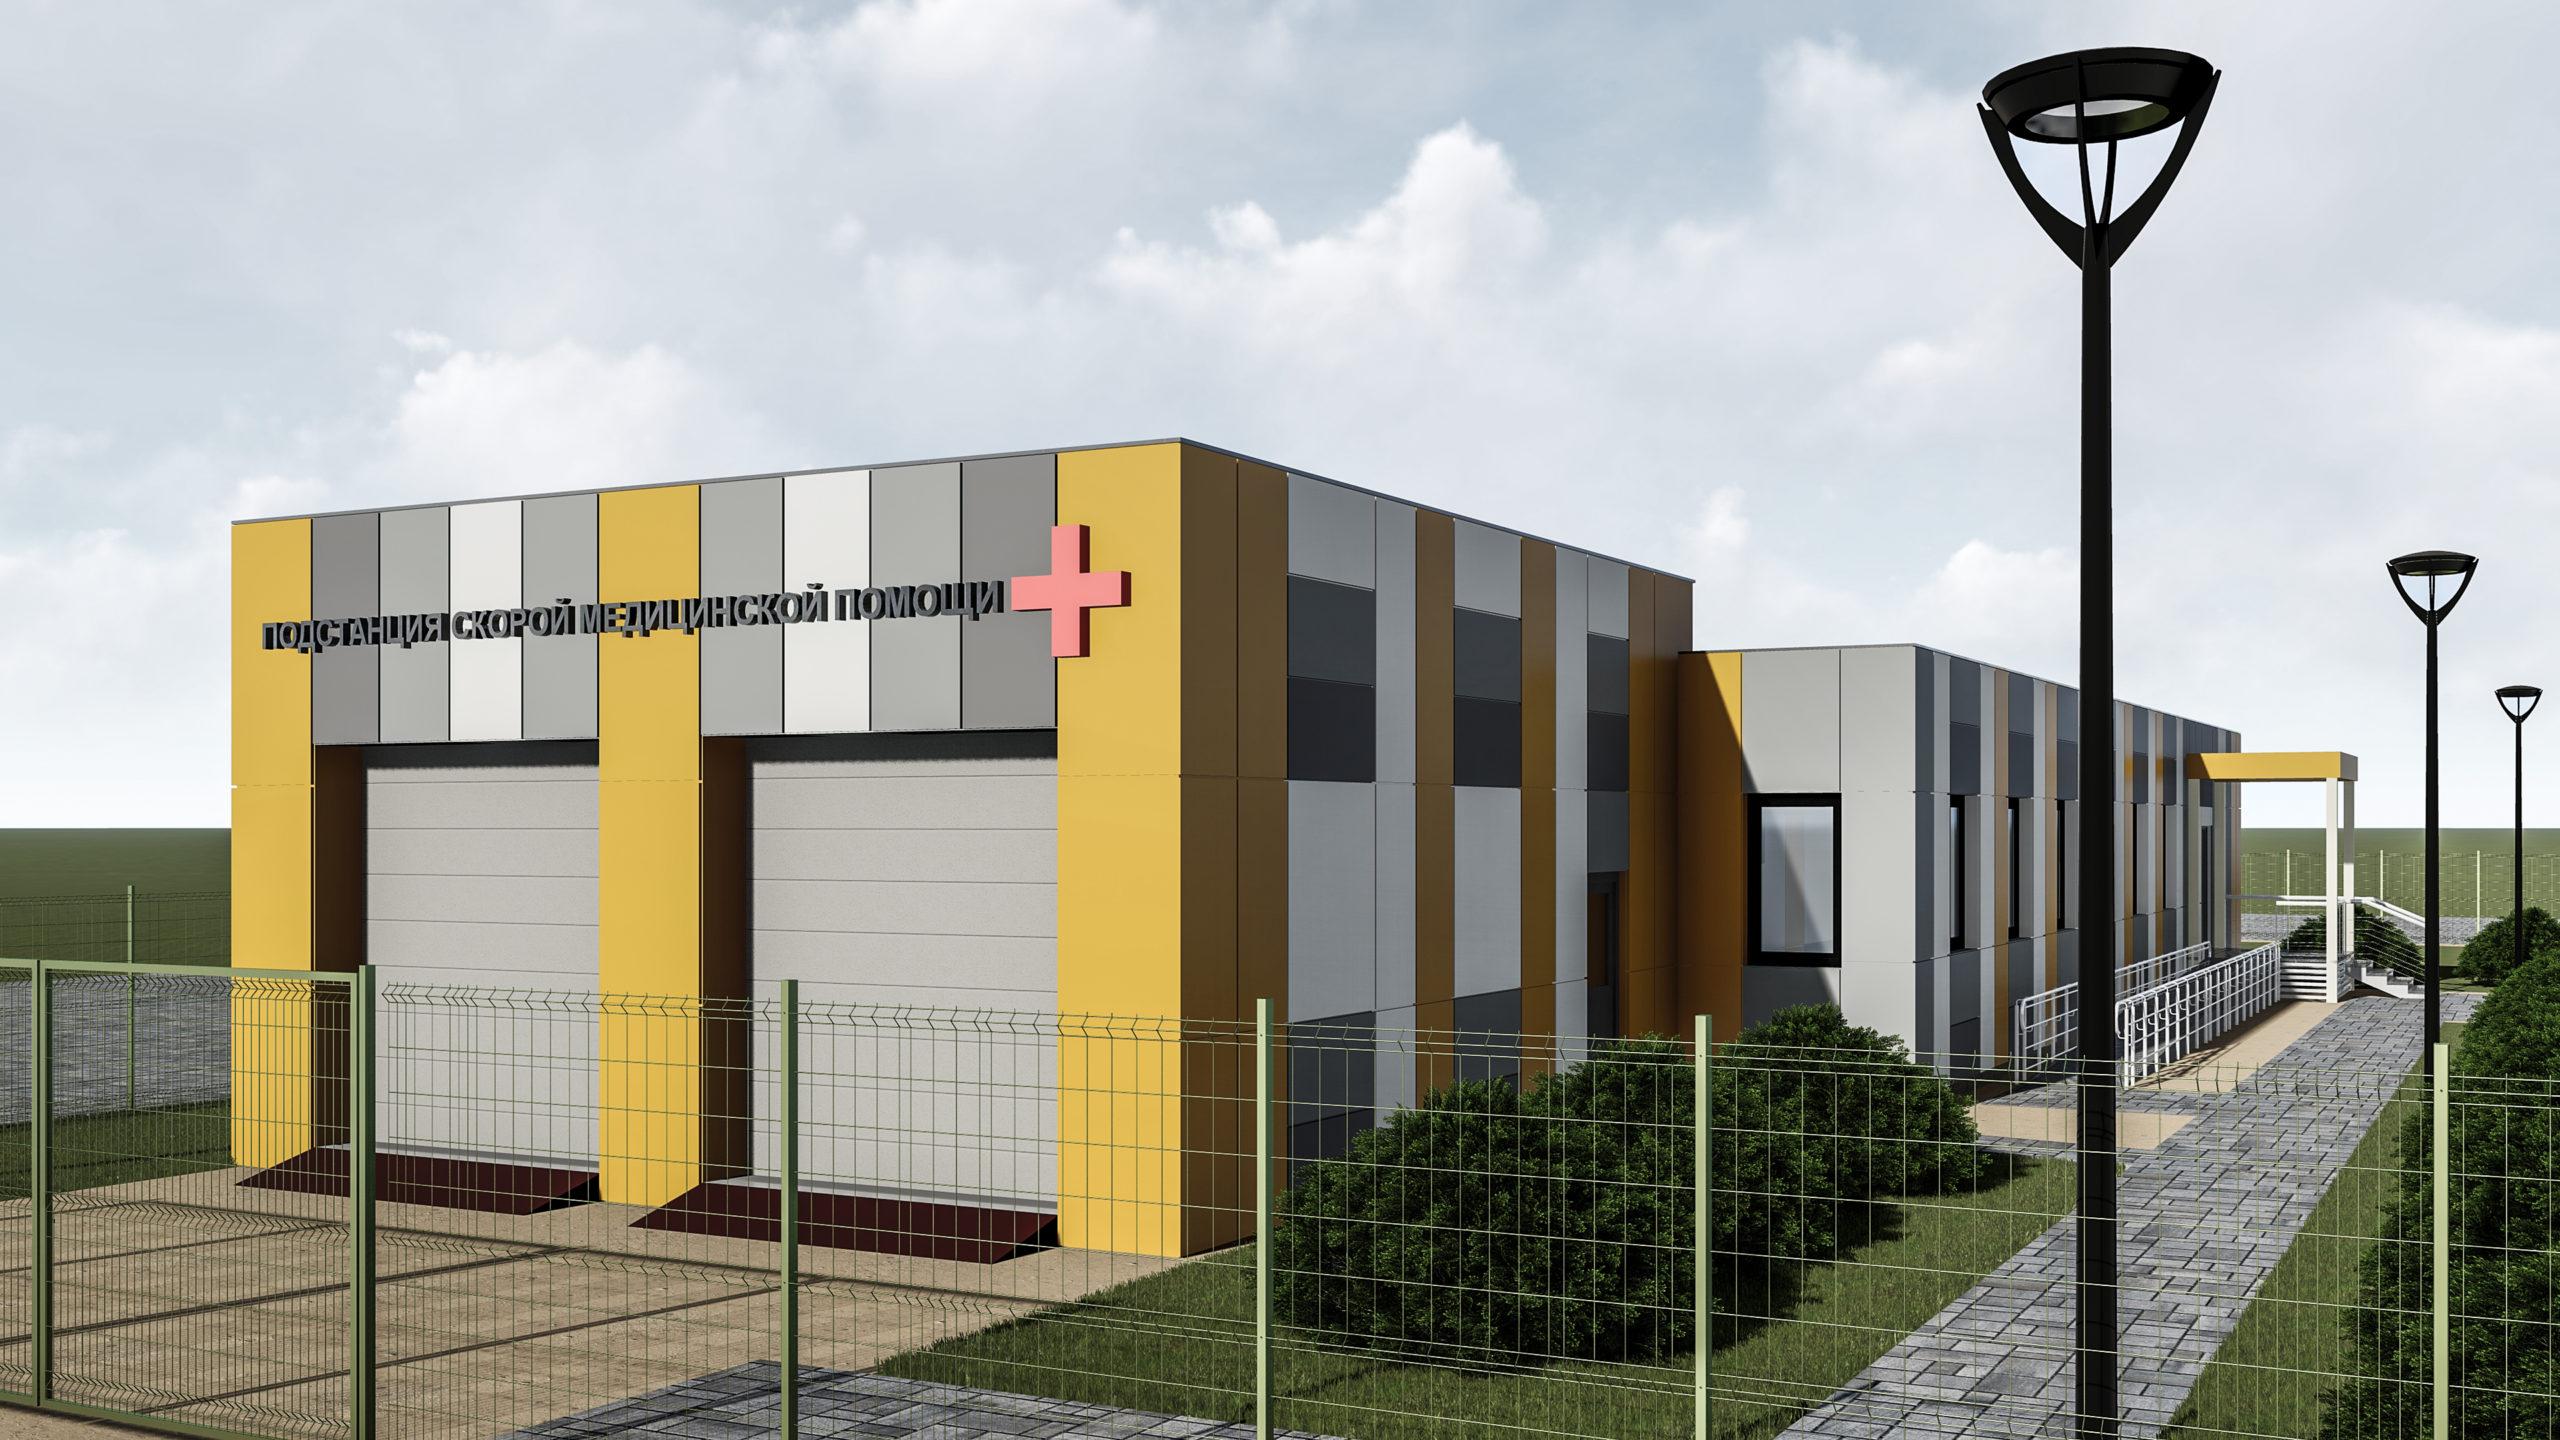 Подстанция скорой медицинской помощи г. Новый Уренгой